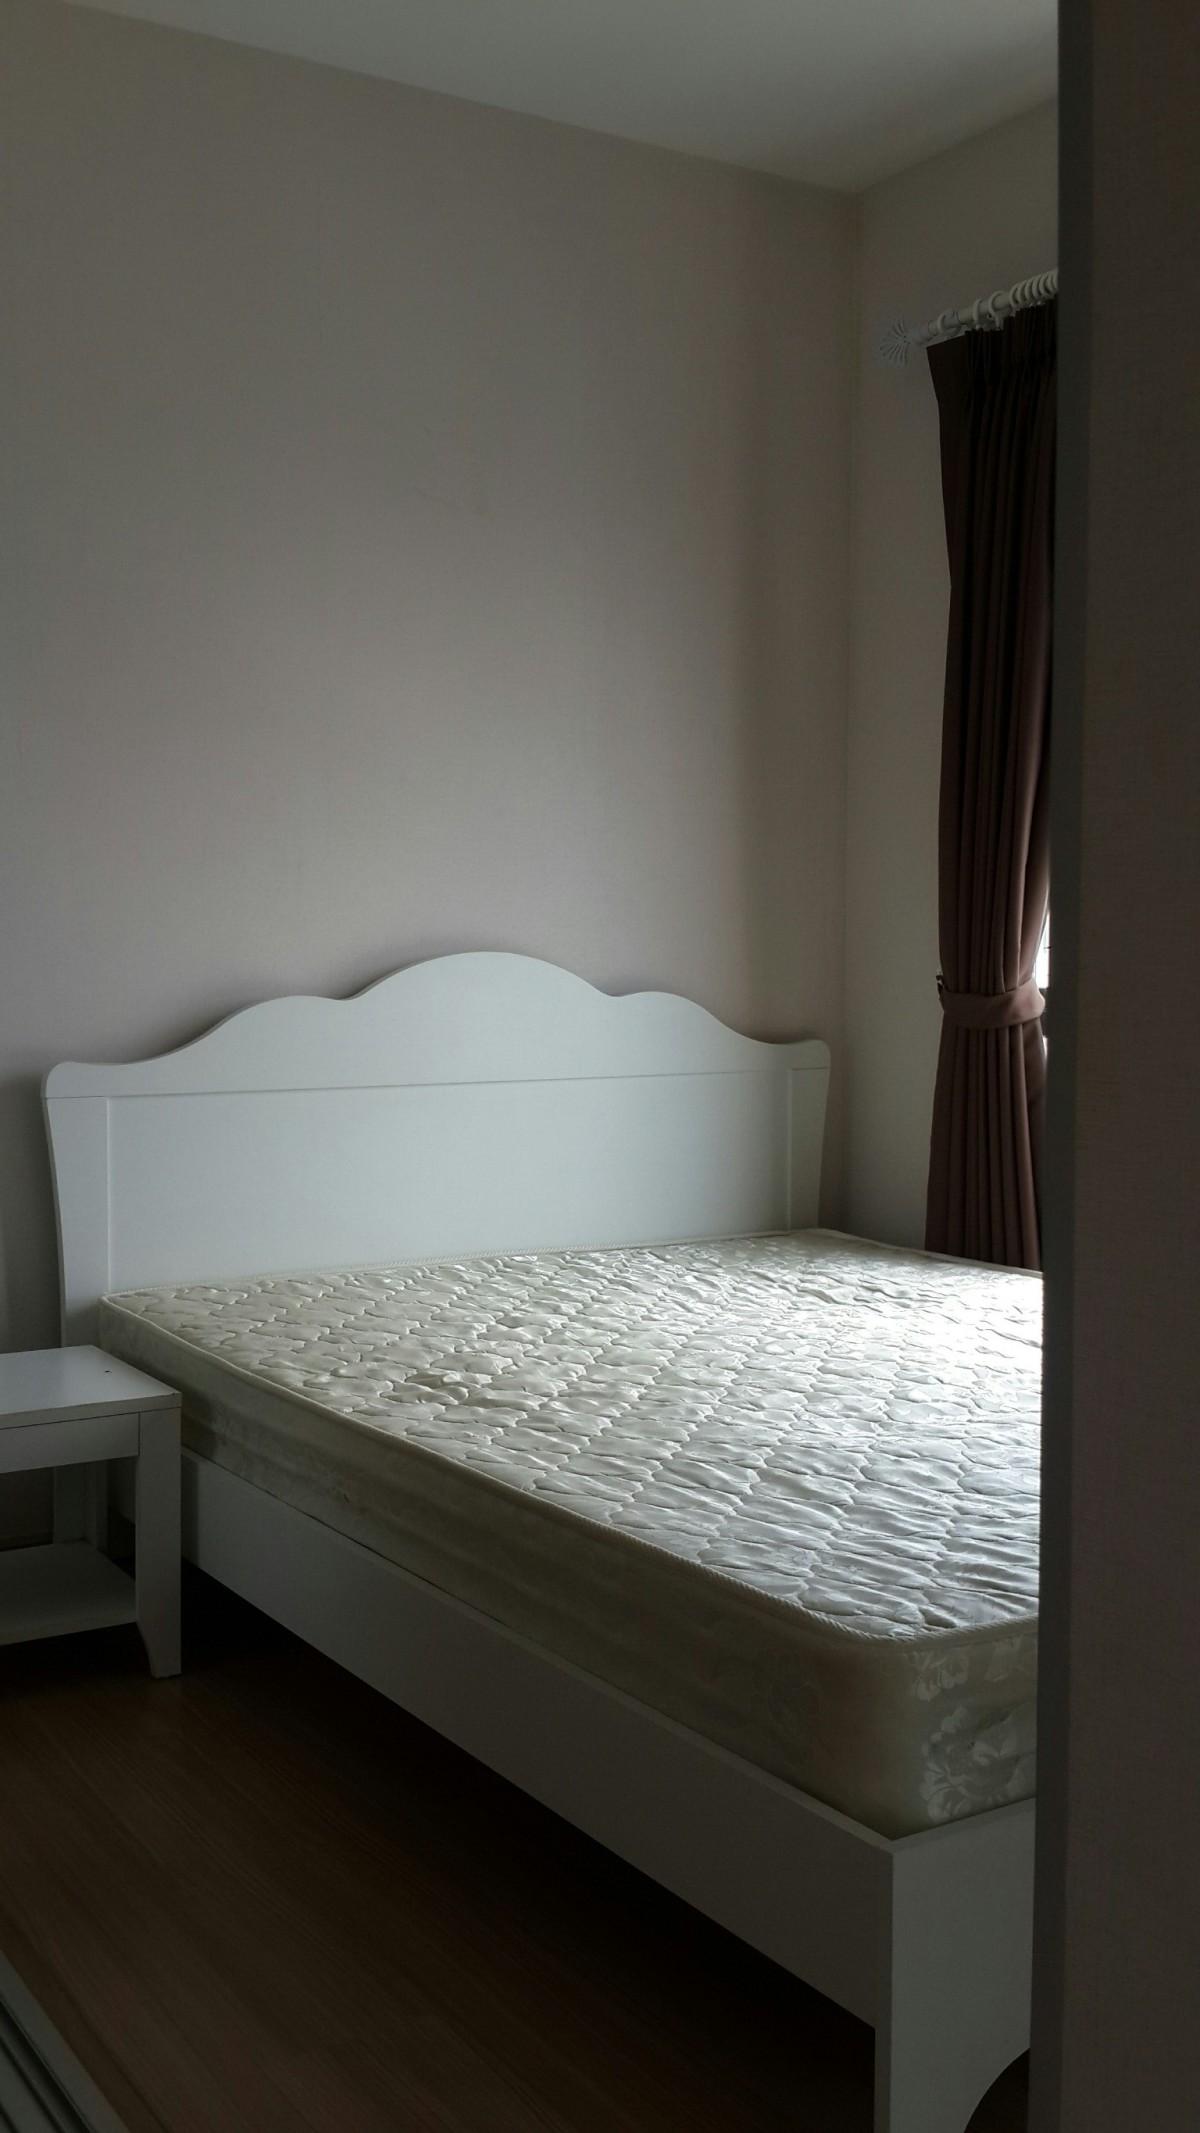 รูปของประกาศขายคอนโดพลัม คอนโด บางใหญ่ สเตชั่น(1 ห้องนอน)(3)